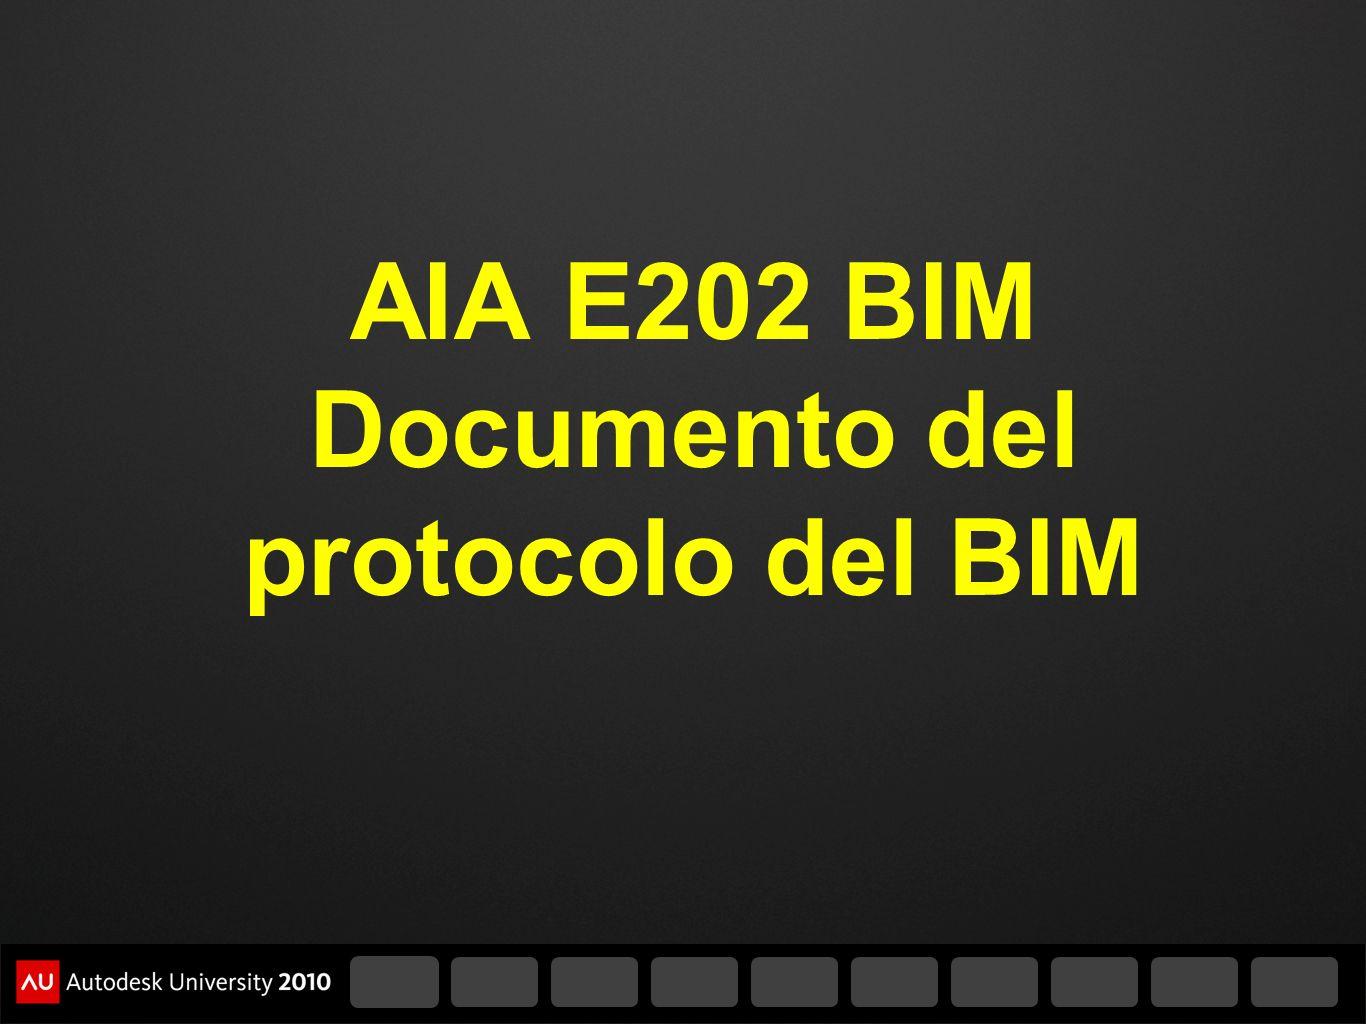 AIA E202 BIM Documento del protocolo del BIM